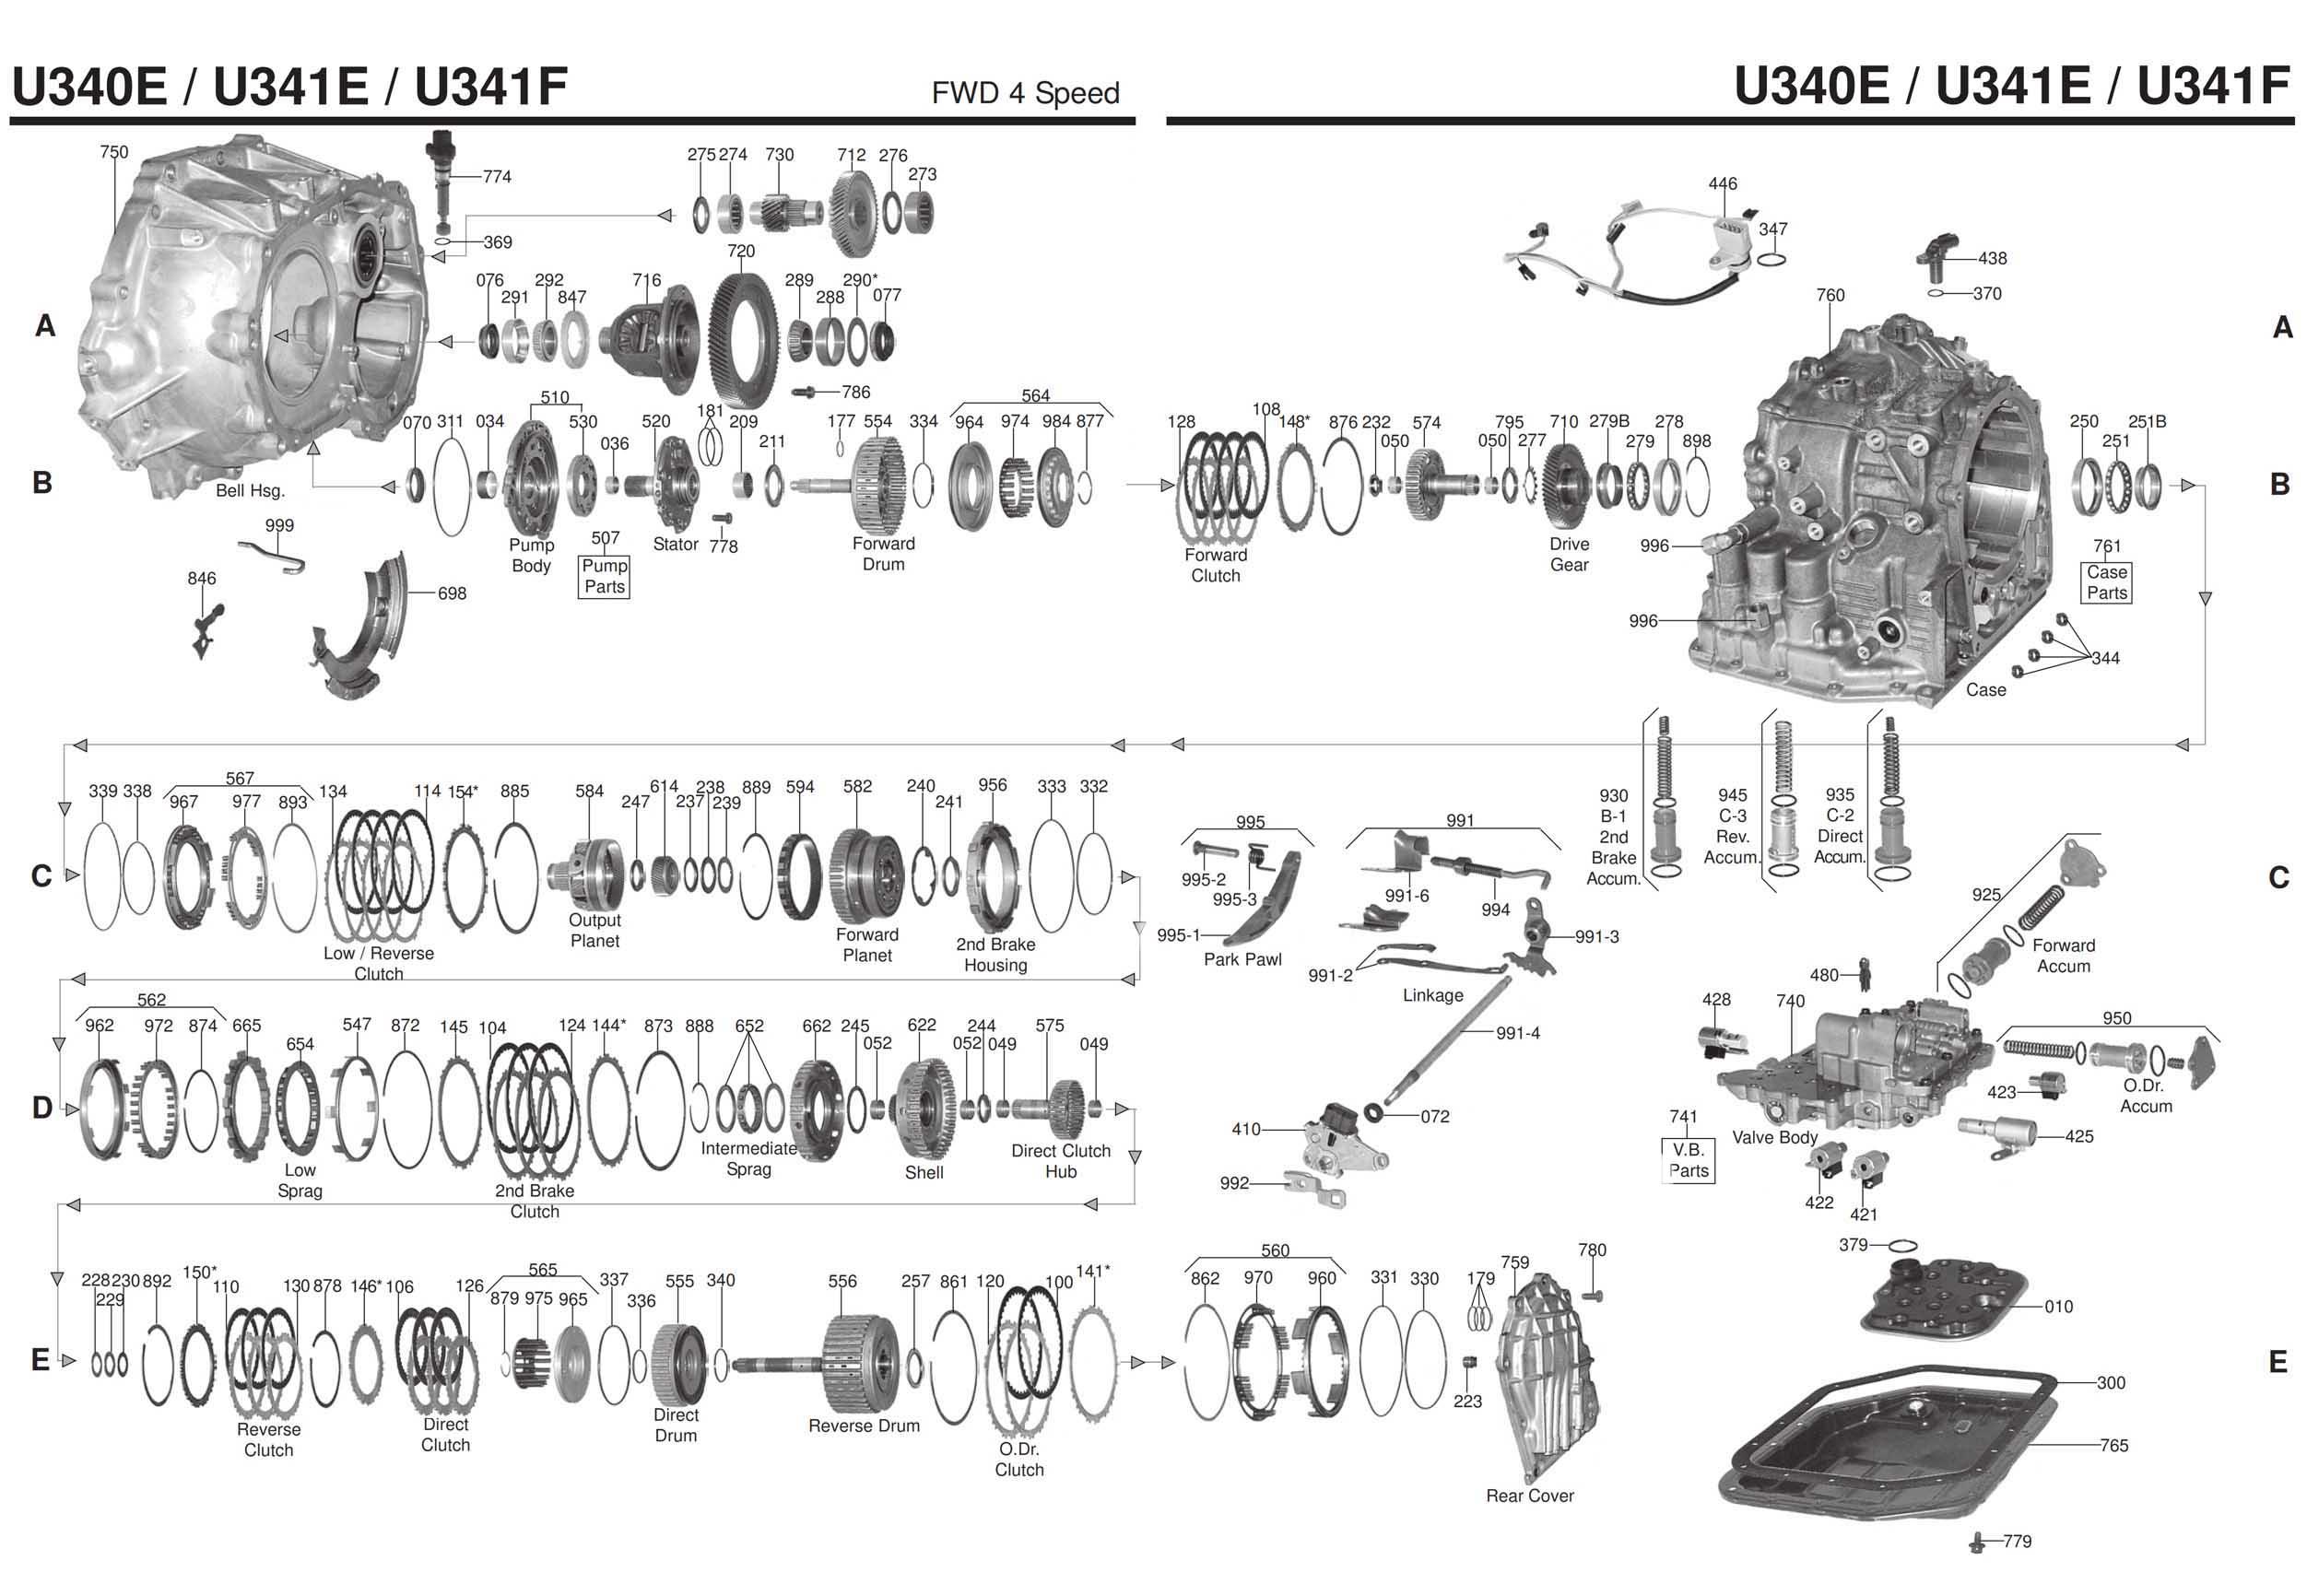 Transmission Repair Manuals U340